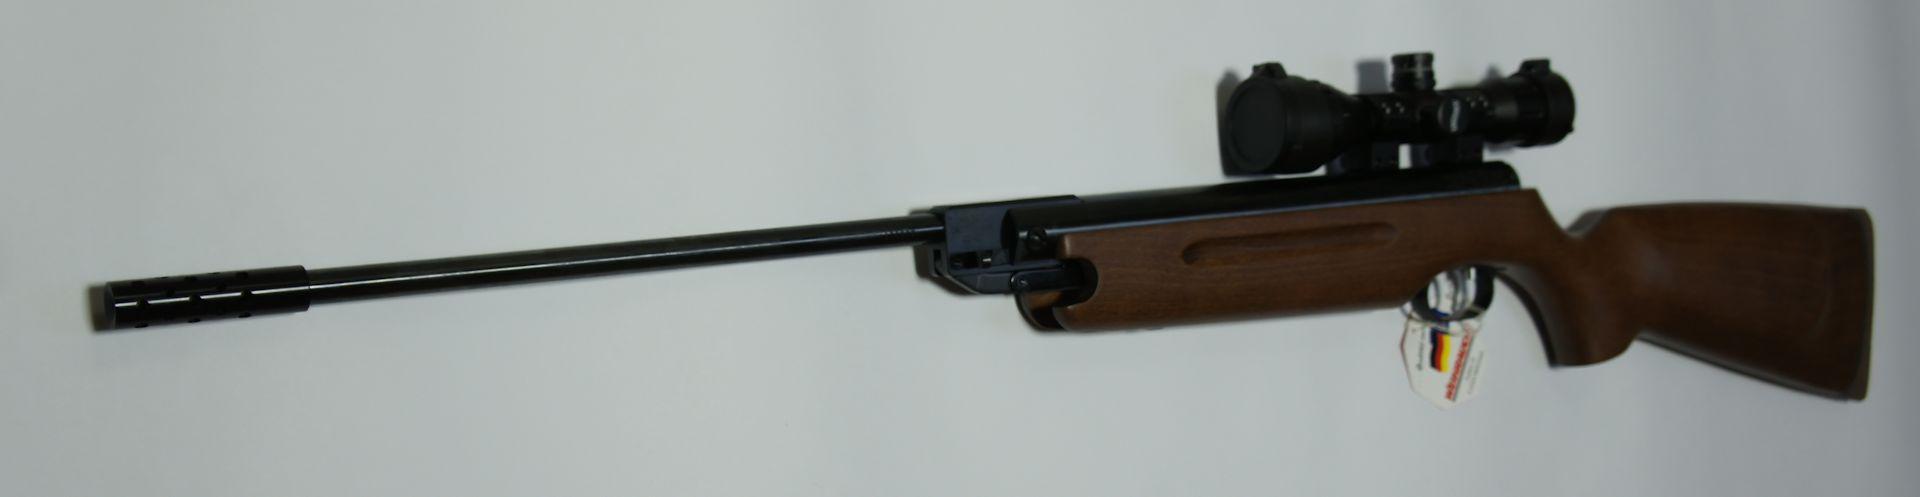 Als Kombinationsbeispiel sehen Sie hier das HW35 Luftgewehr beispielsweise mit einen <a href=1165812.htm>Kompensator </a>anstelle des Schalldämpfers. Soe ein <a href=1165812.htm>Kompensator </a> macht natürlich den Schuss nicht leiser, verbesert aber in der Regel die Abgangsballistik.